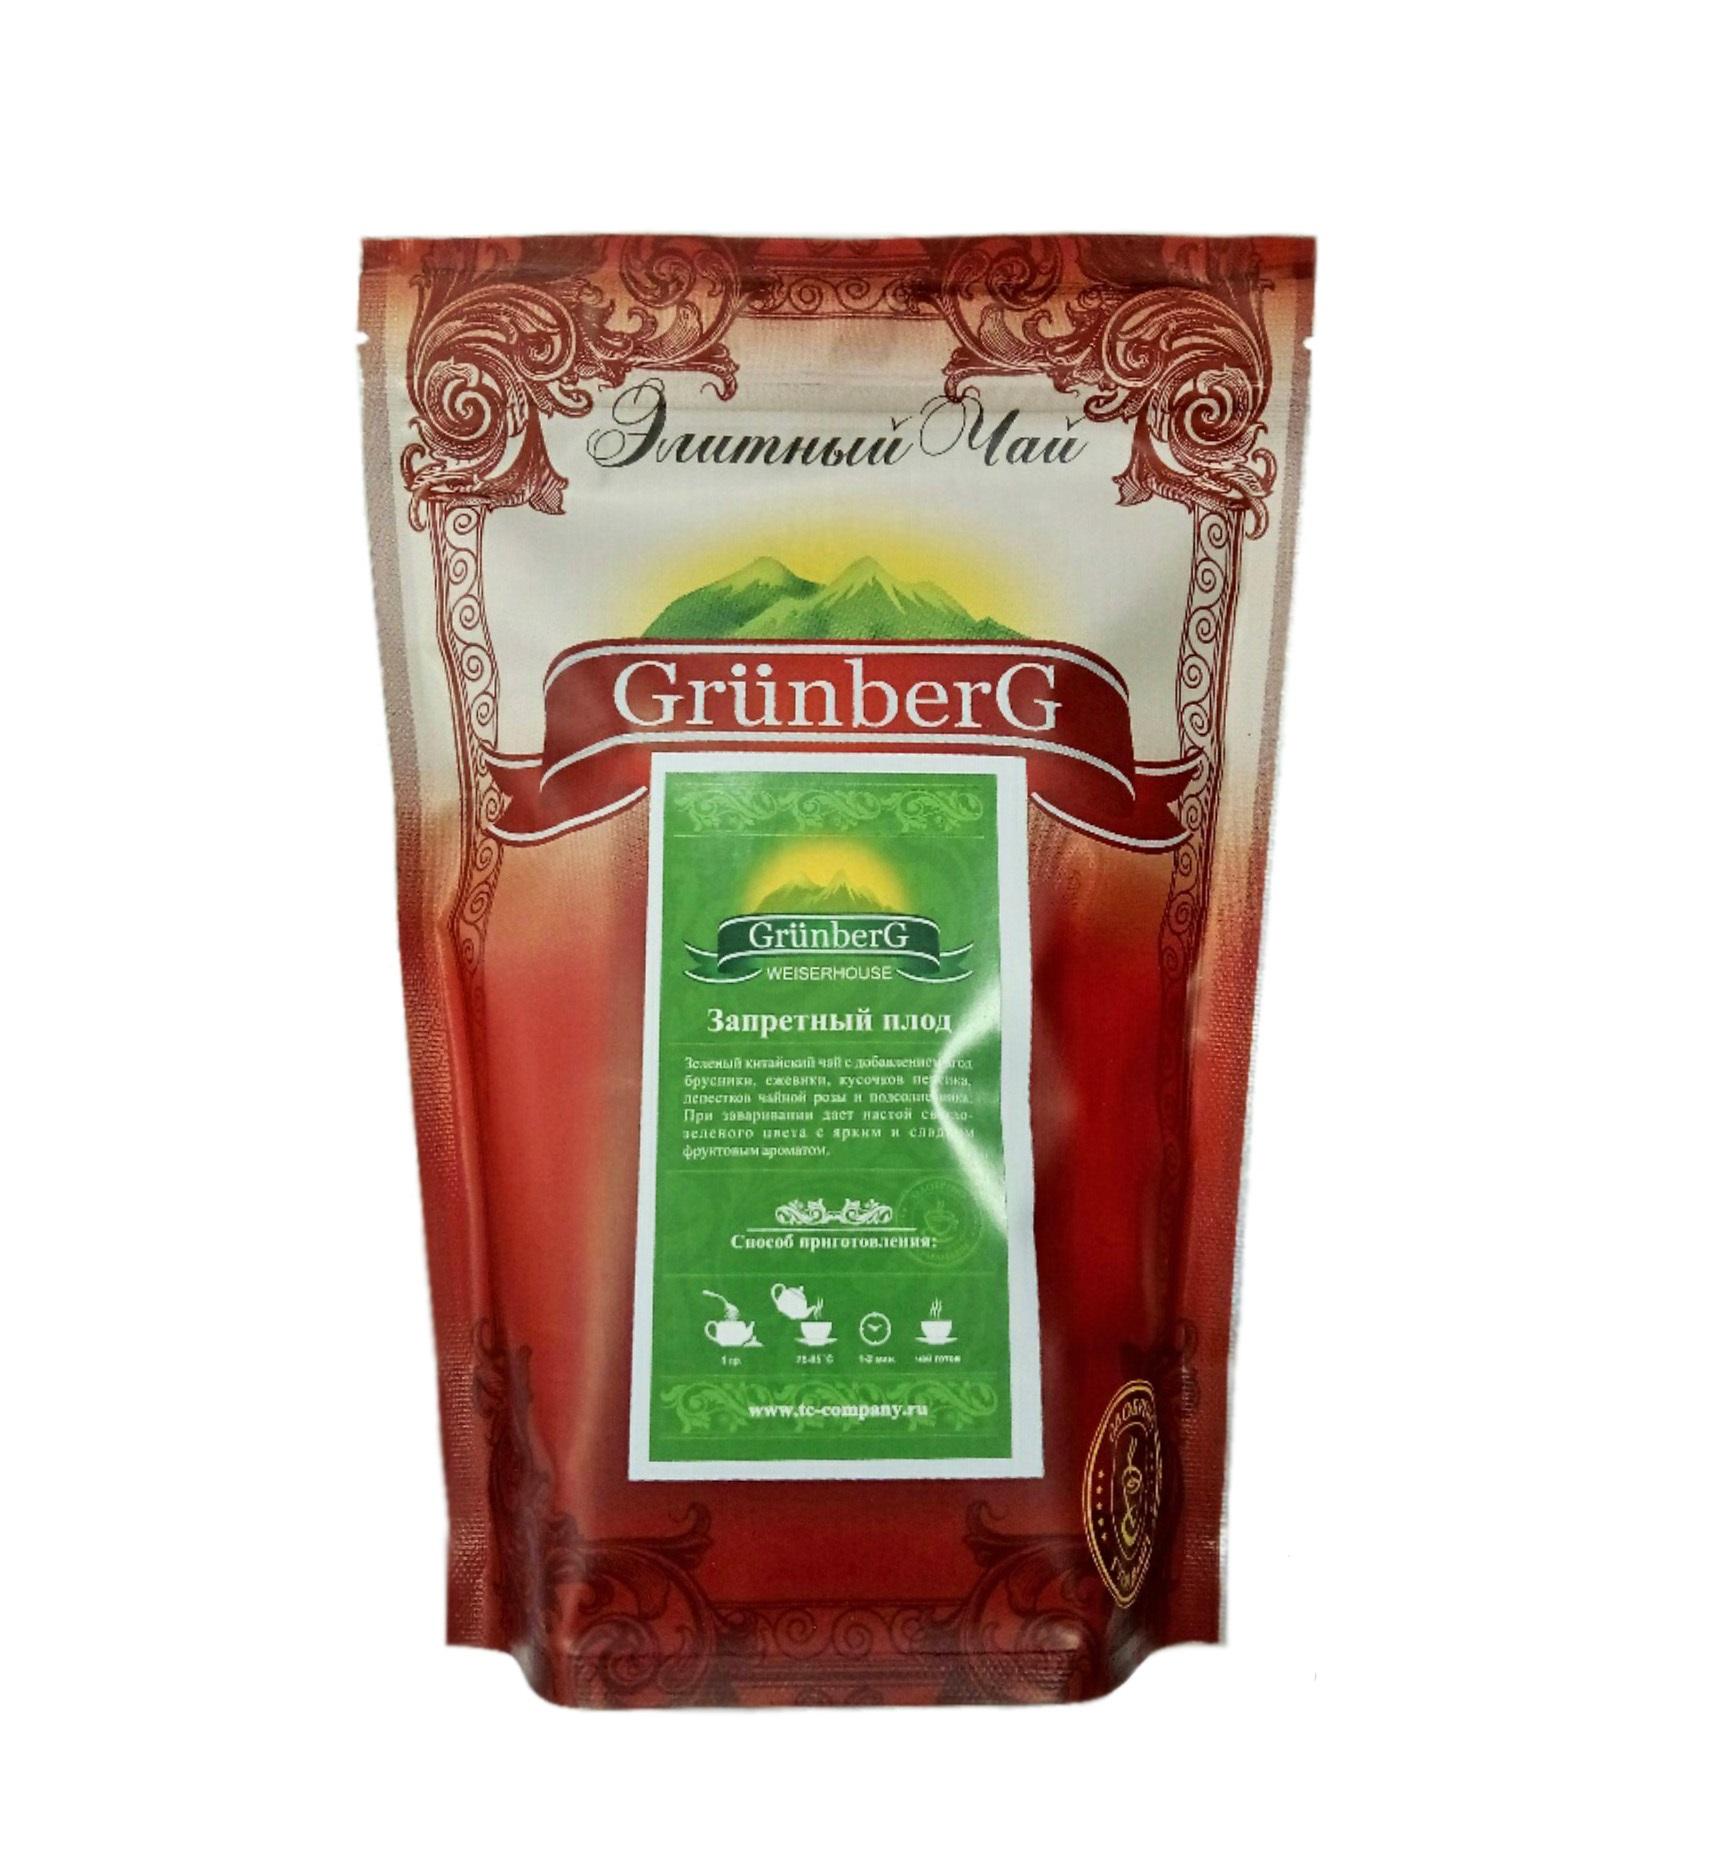 Чай Grunberg Запретный плод (зеленый ароматизированный), упаковка 250г